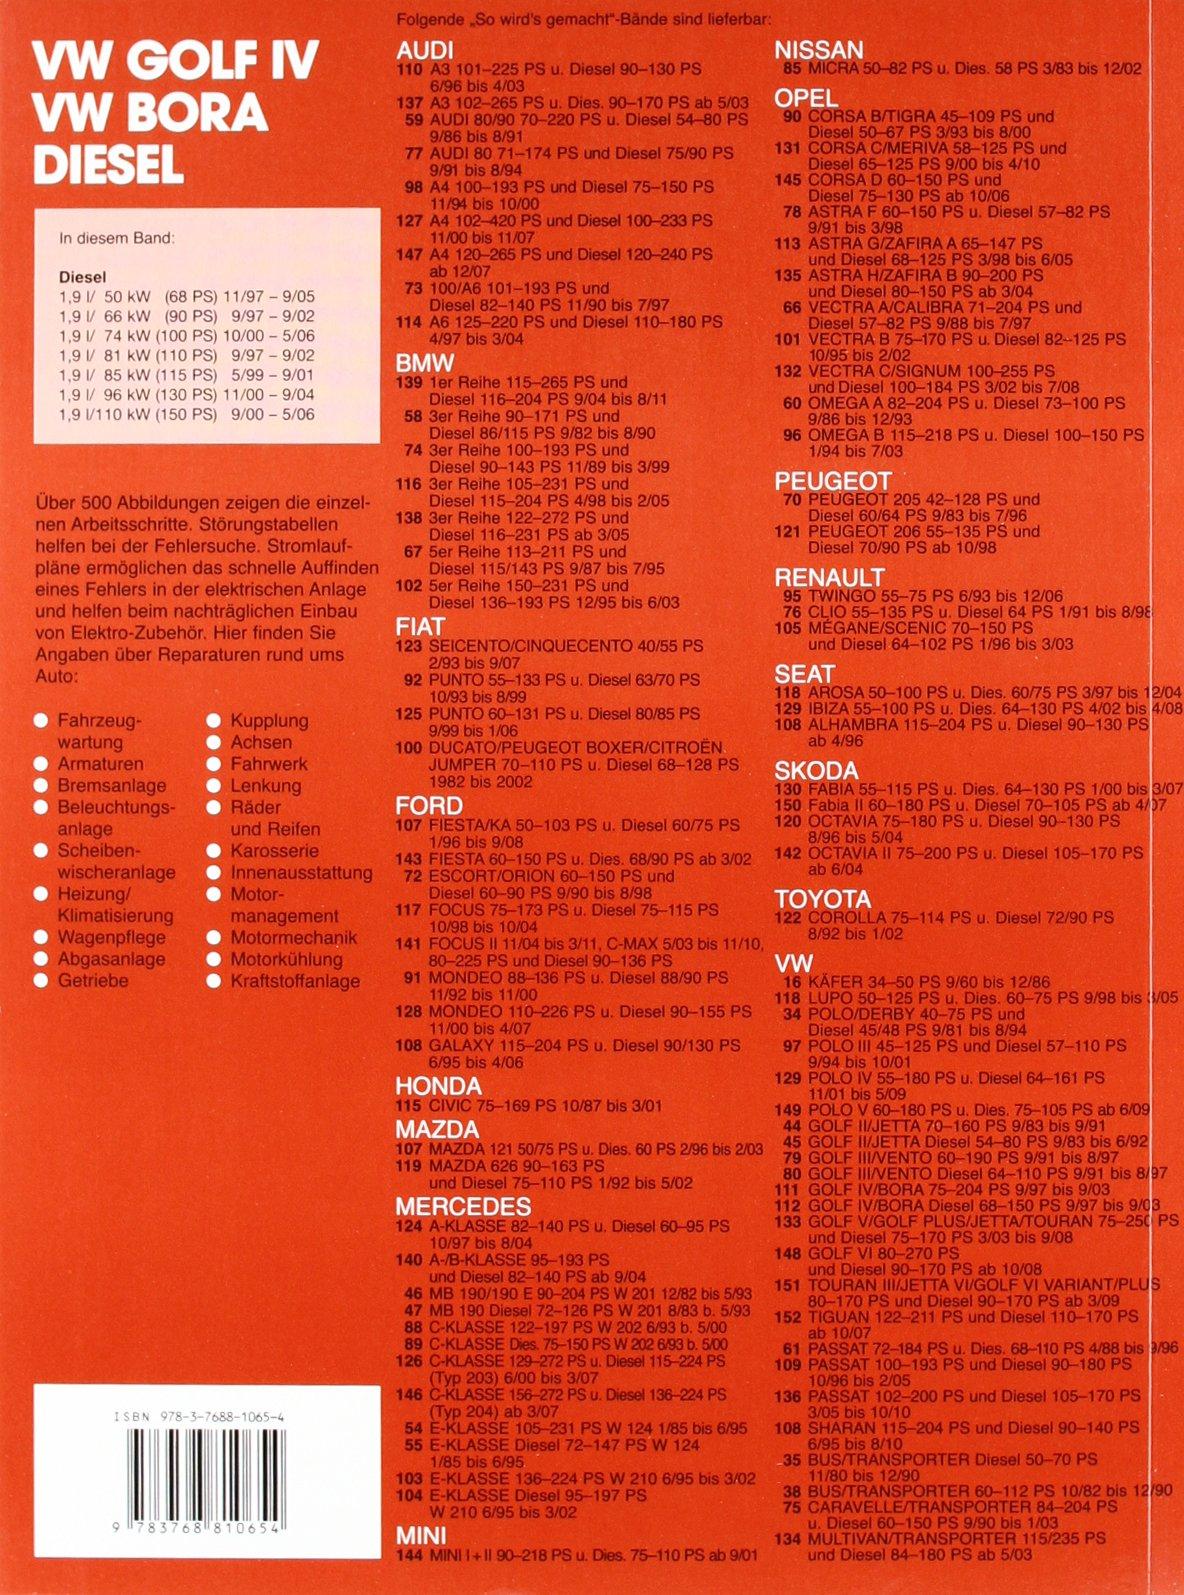 So wird\'s gemacht. VW Golf IV Diesel 68-150 PS ab 9/97 bis 9/03 ...